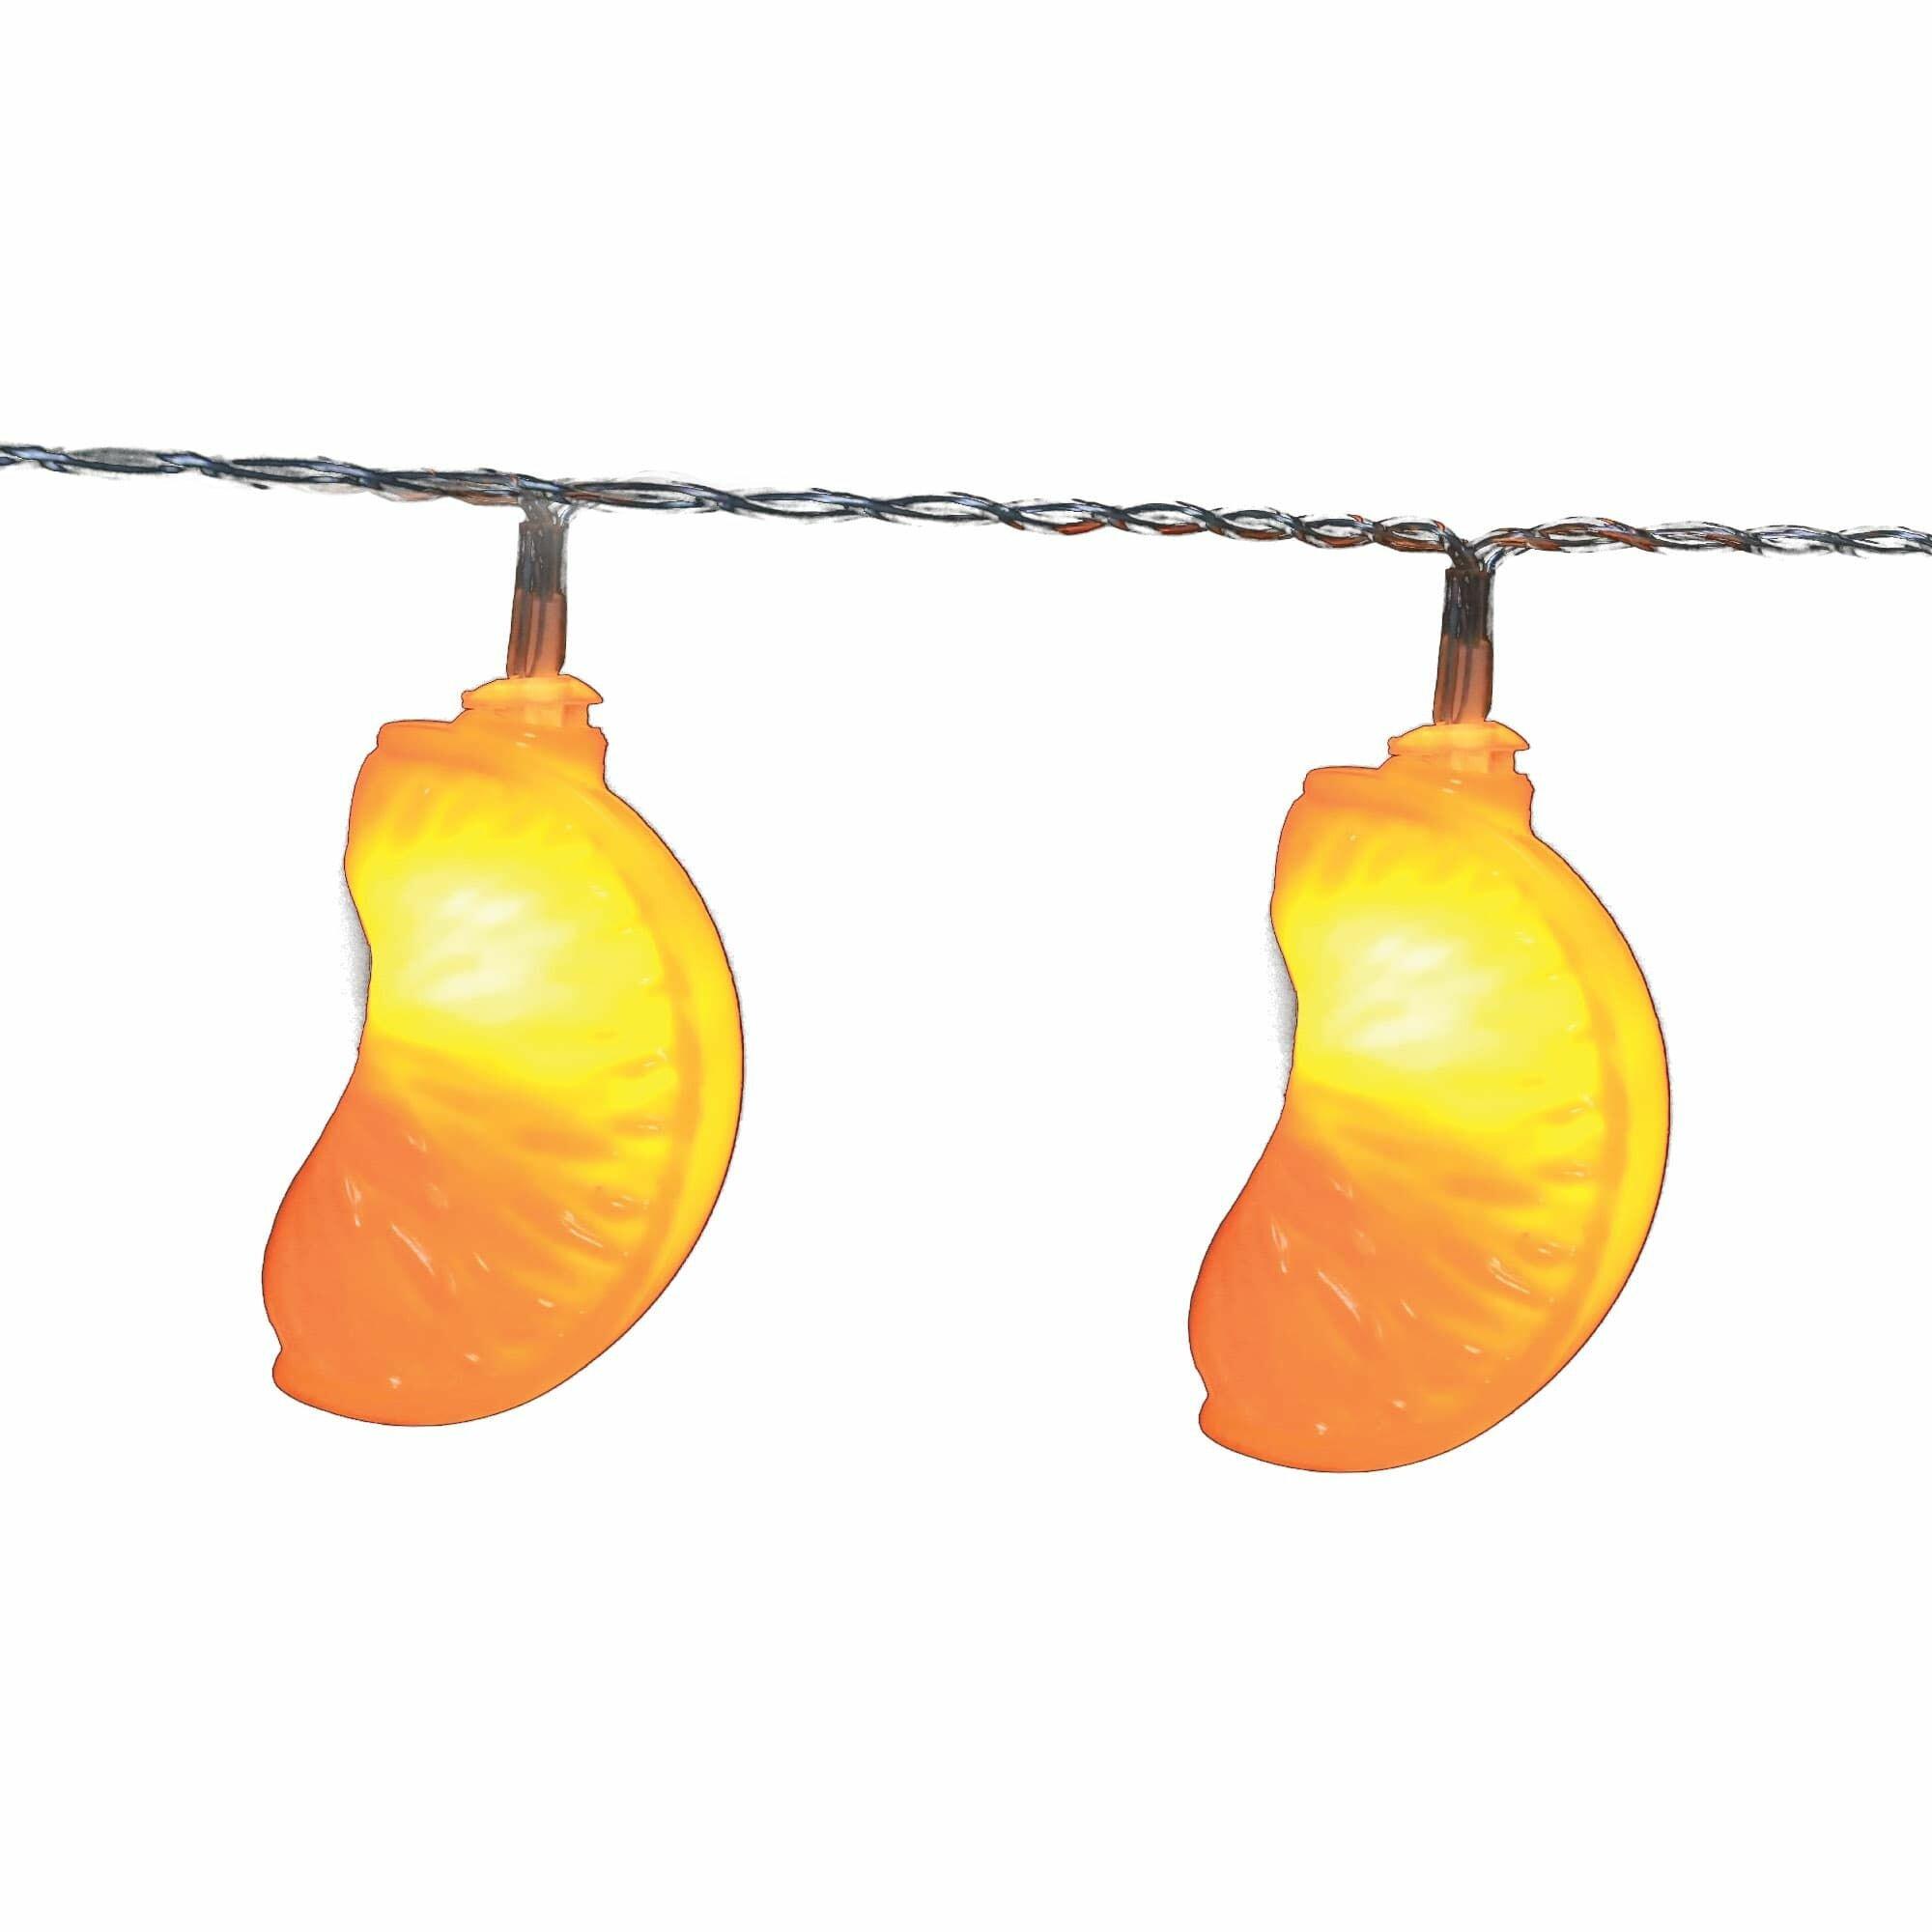 Uld-s0400-010/stb/2aa warm white ip20 orange гирлянда светодиодная с на батарейках 2aa (не в/к), «Апельсин», 4м. 10 светодиодов. Теплый белый свет. Провод прозрачный. TM Uniel.